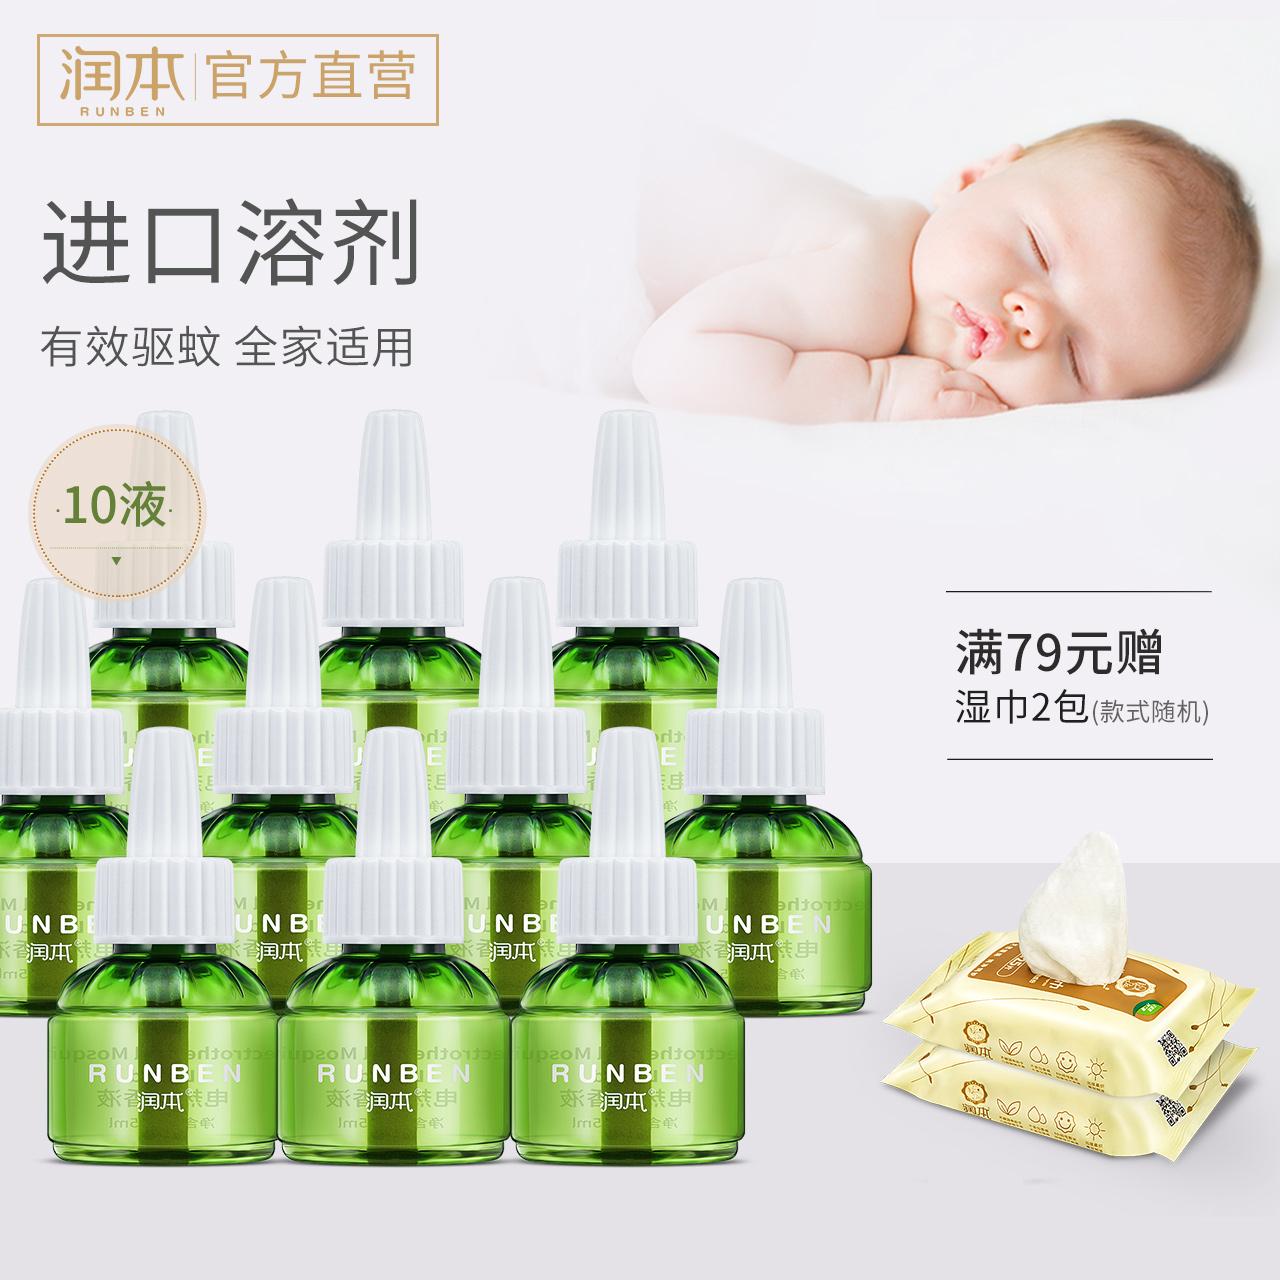 润本电热蚊香液10瓶补充装儿童宝宝无味无香型驱蚊防蚊液婴儿用品